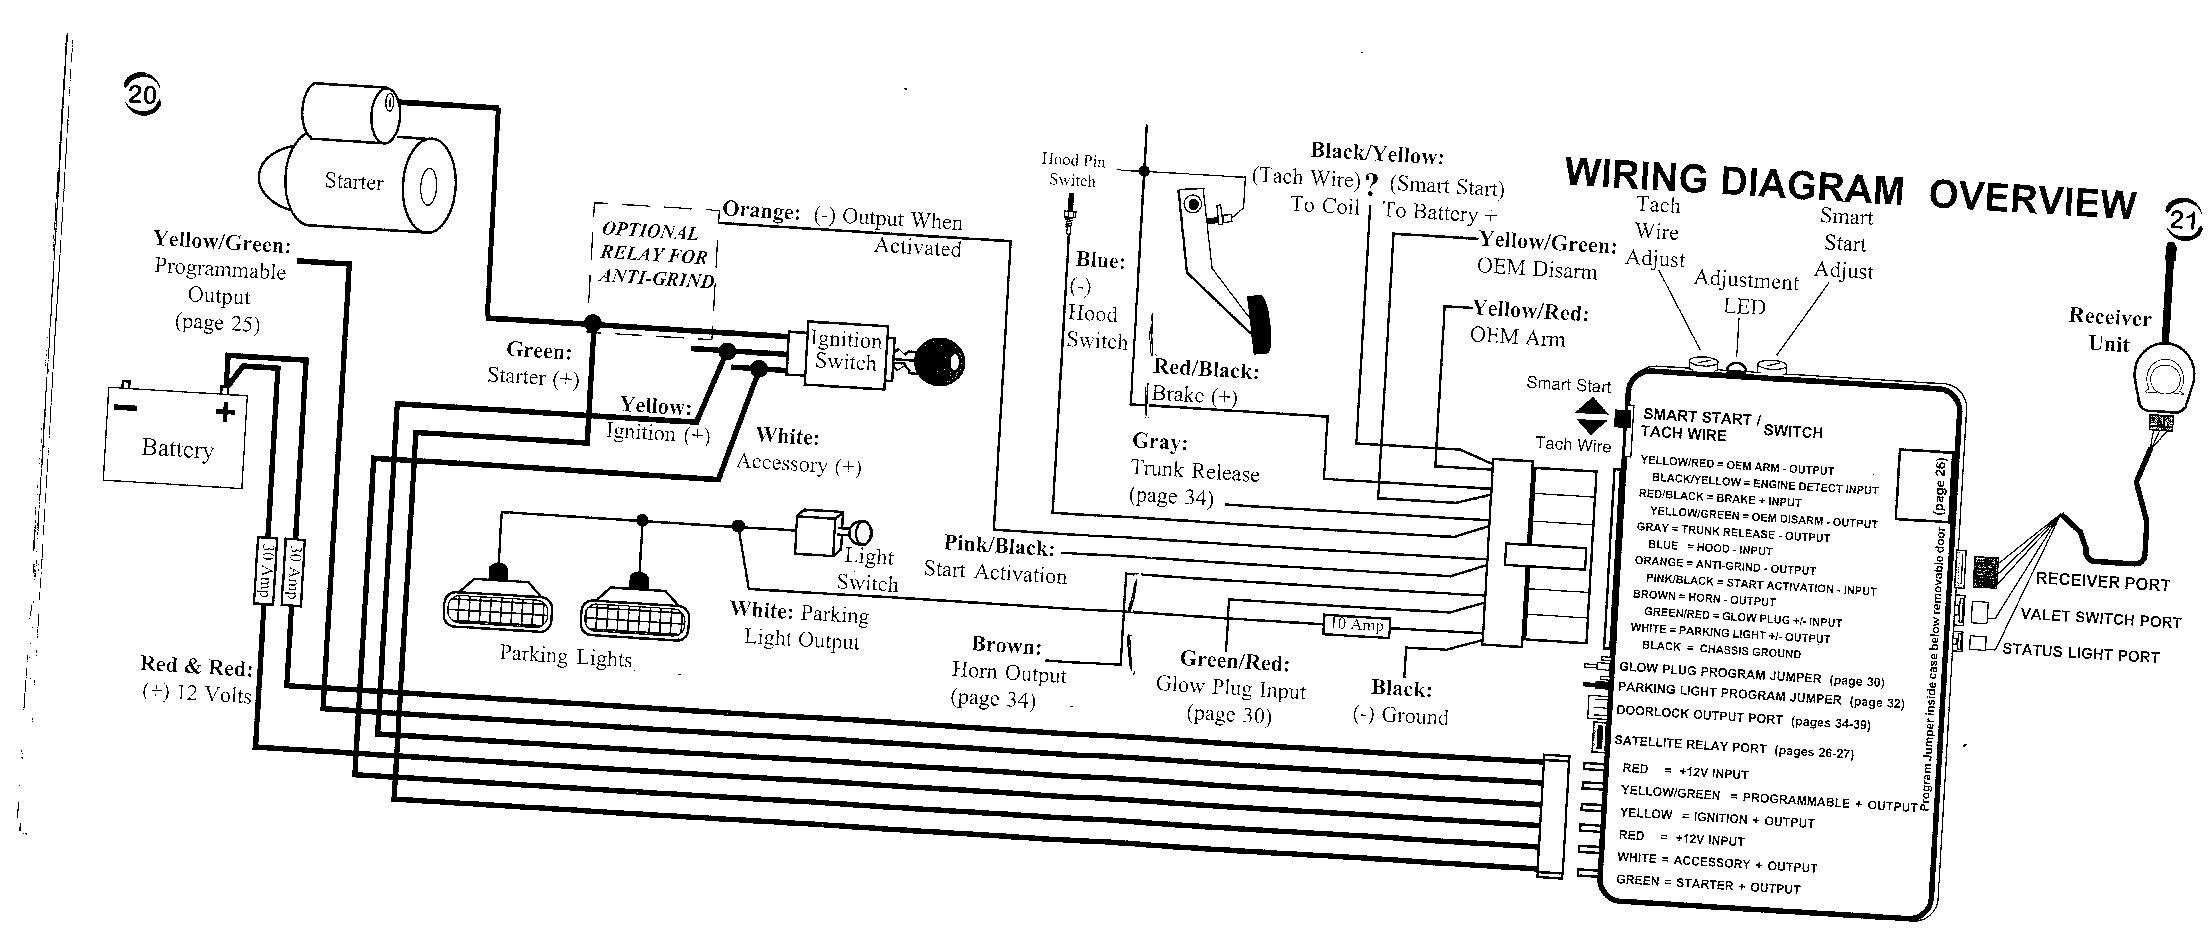 Diagram Auto Start Wiring Ford Escape Remote Transformer Starter Viper 5701 Generator Bulldog Full